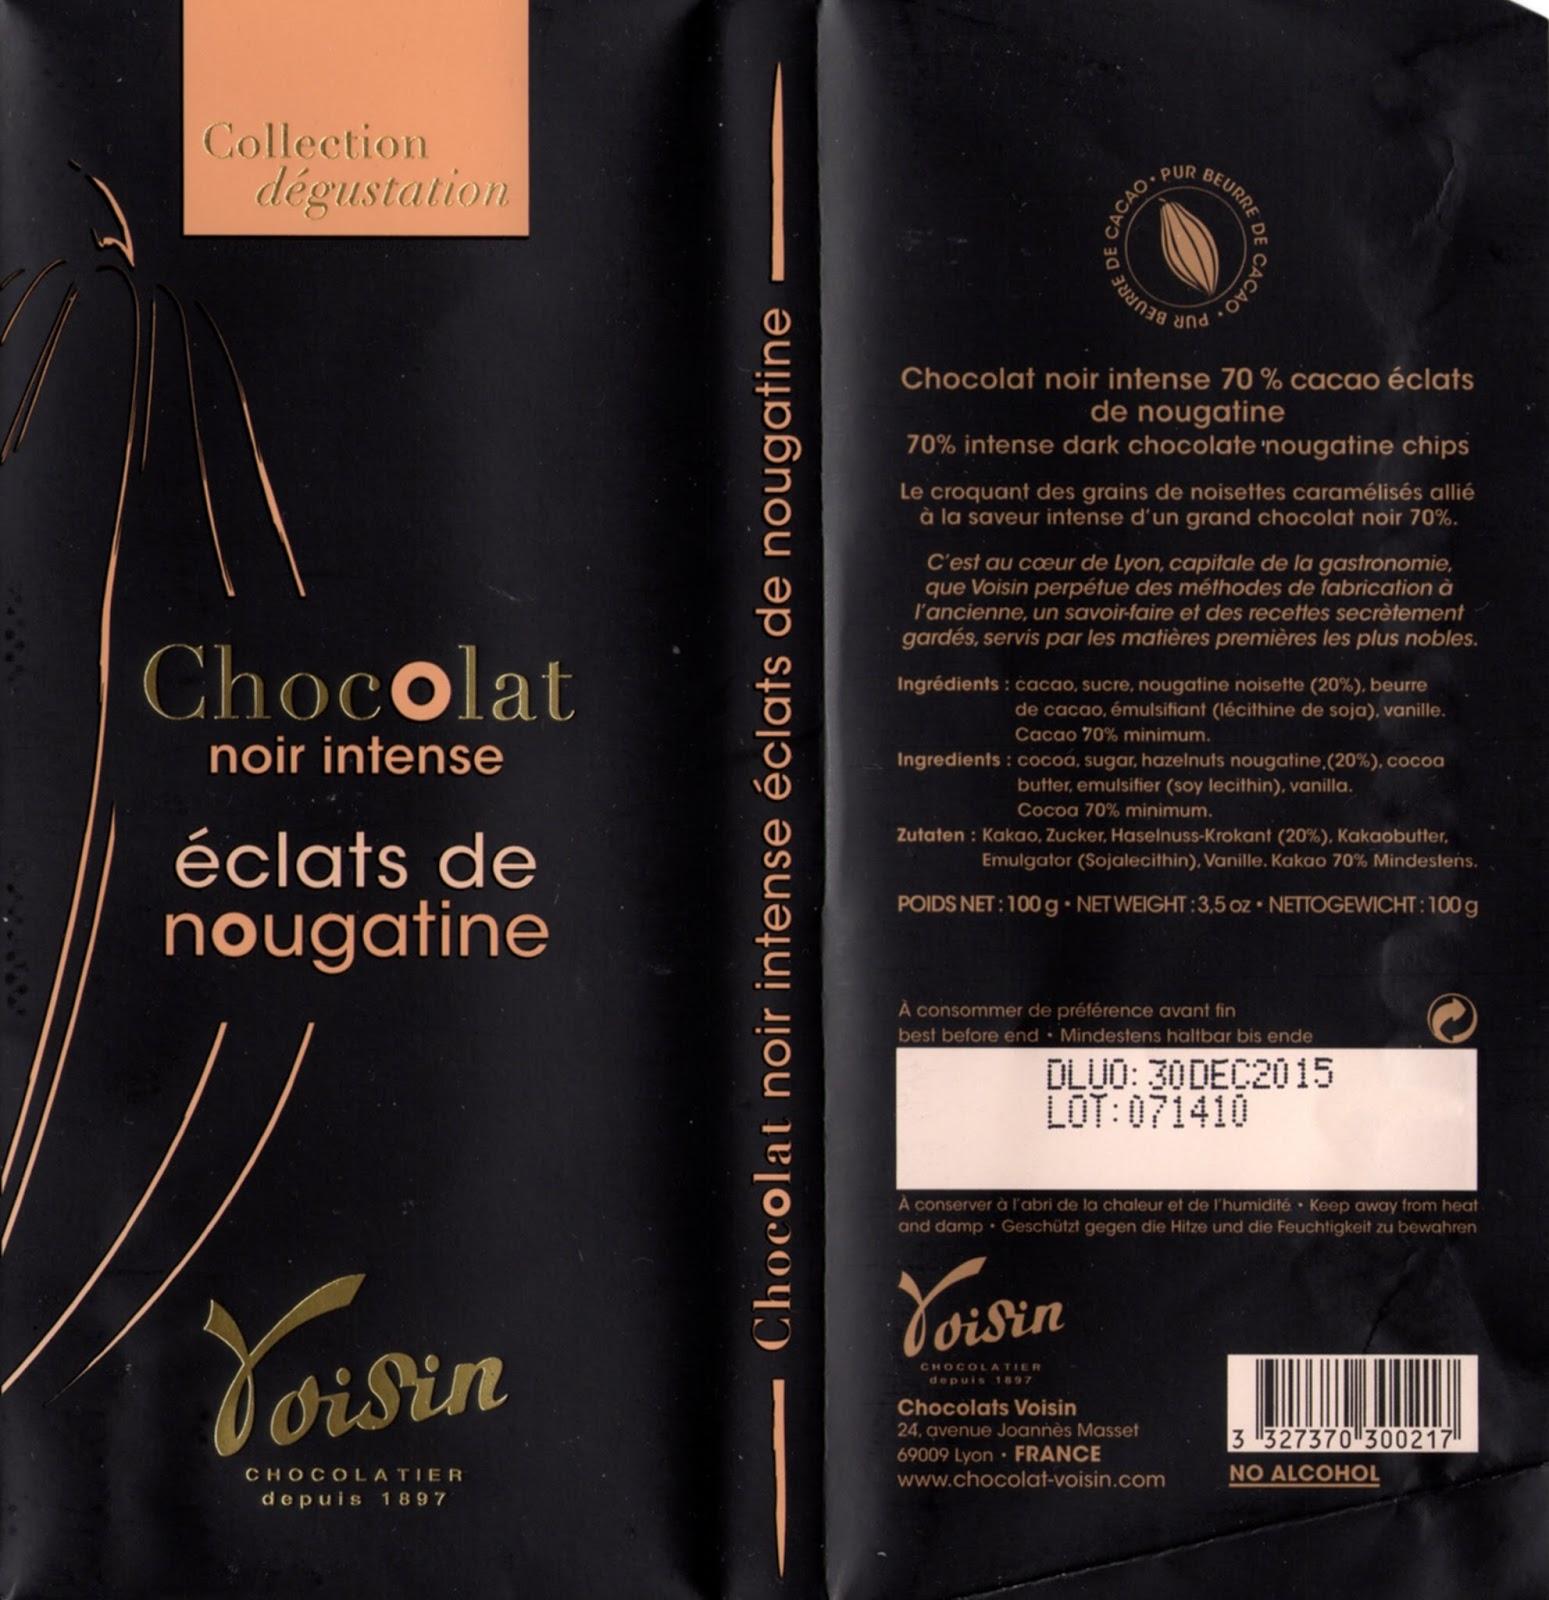 tablette de chocolat noir gourmand voisin noir intense eclats de nougatine